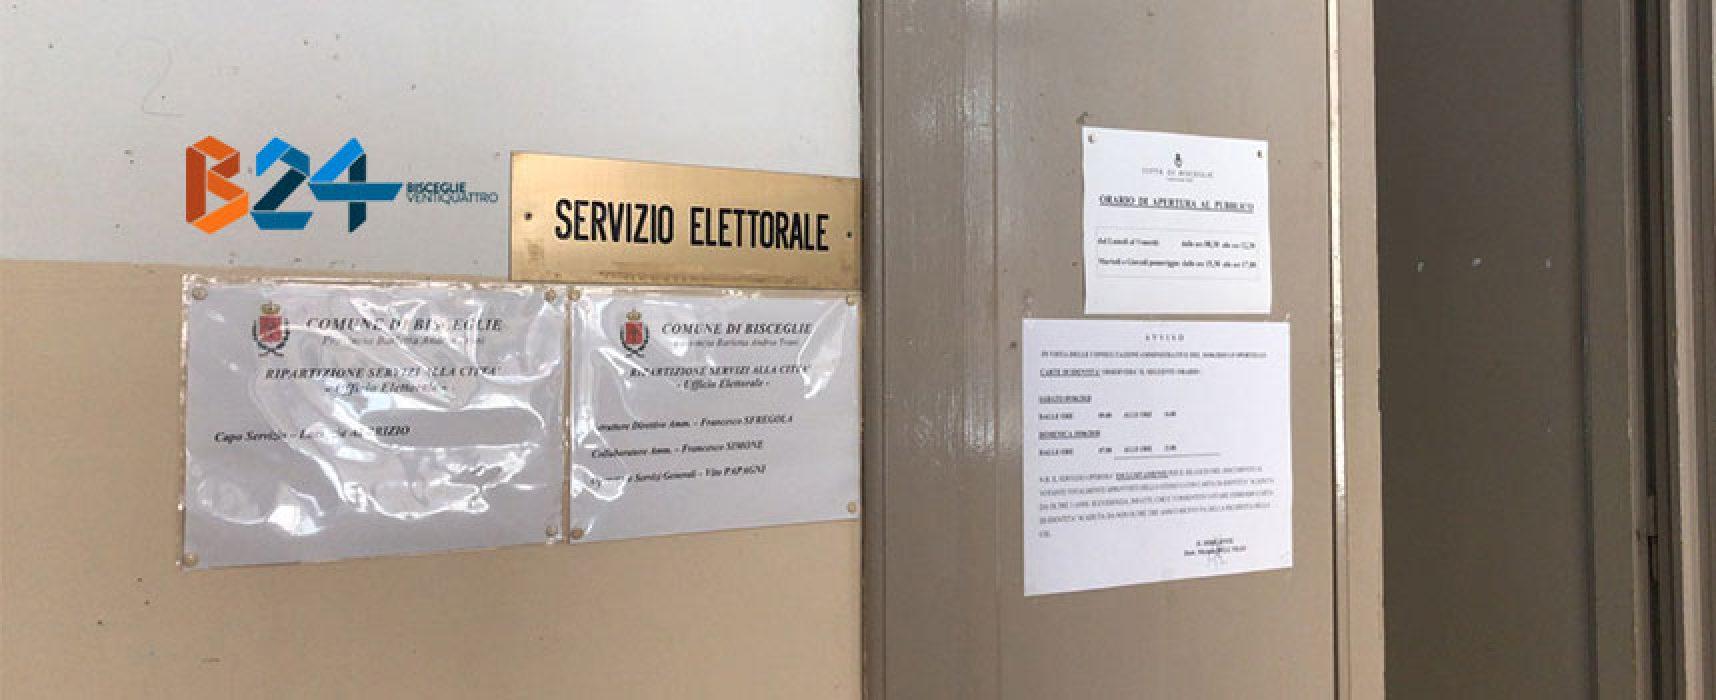 Aggiornamento Albo degli scrutatori dei seggi elettorali / DETTAGLI